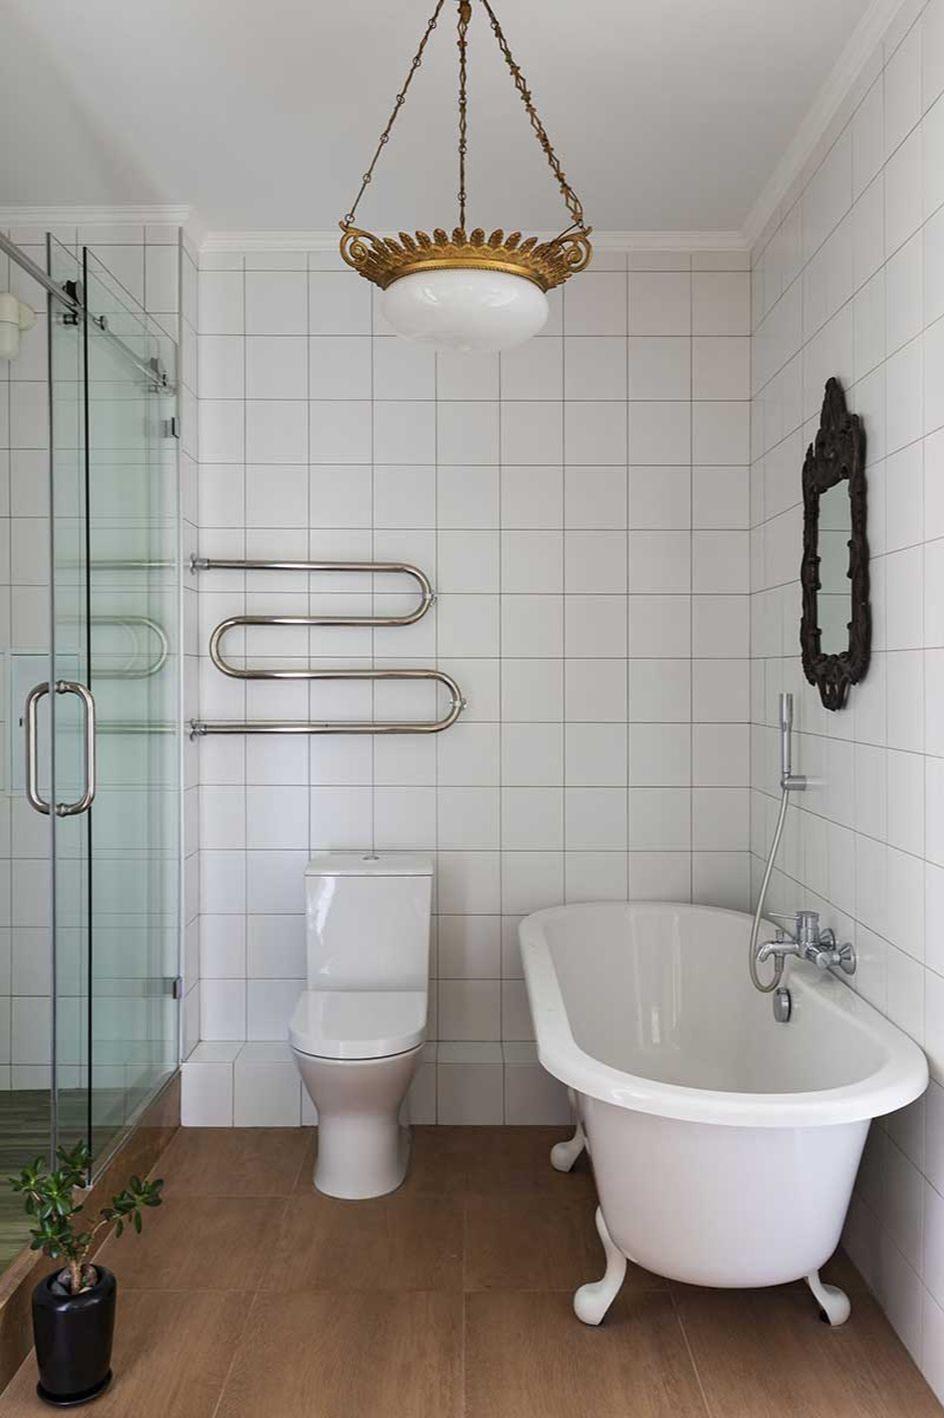 Отреставрированная люстра времен СССР в современной ванной комнате